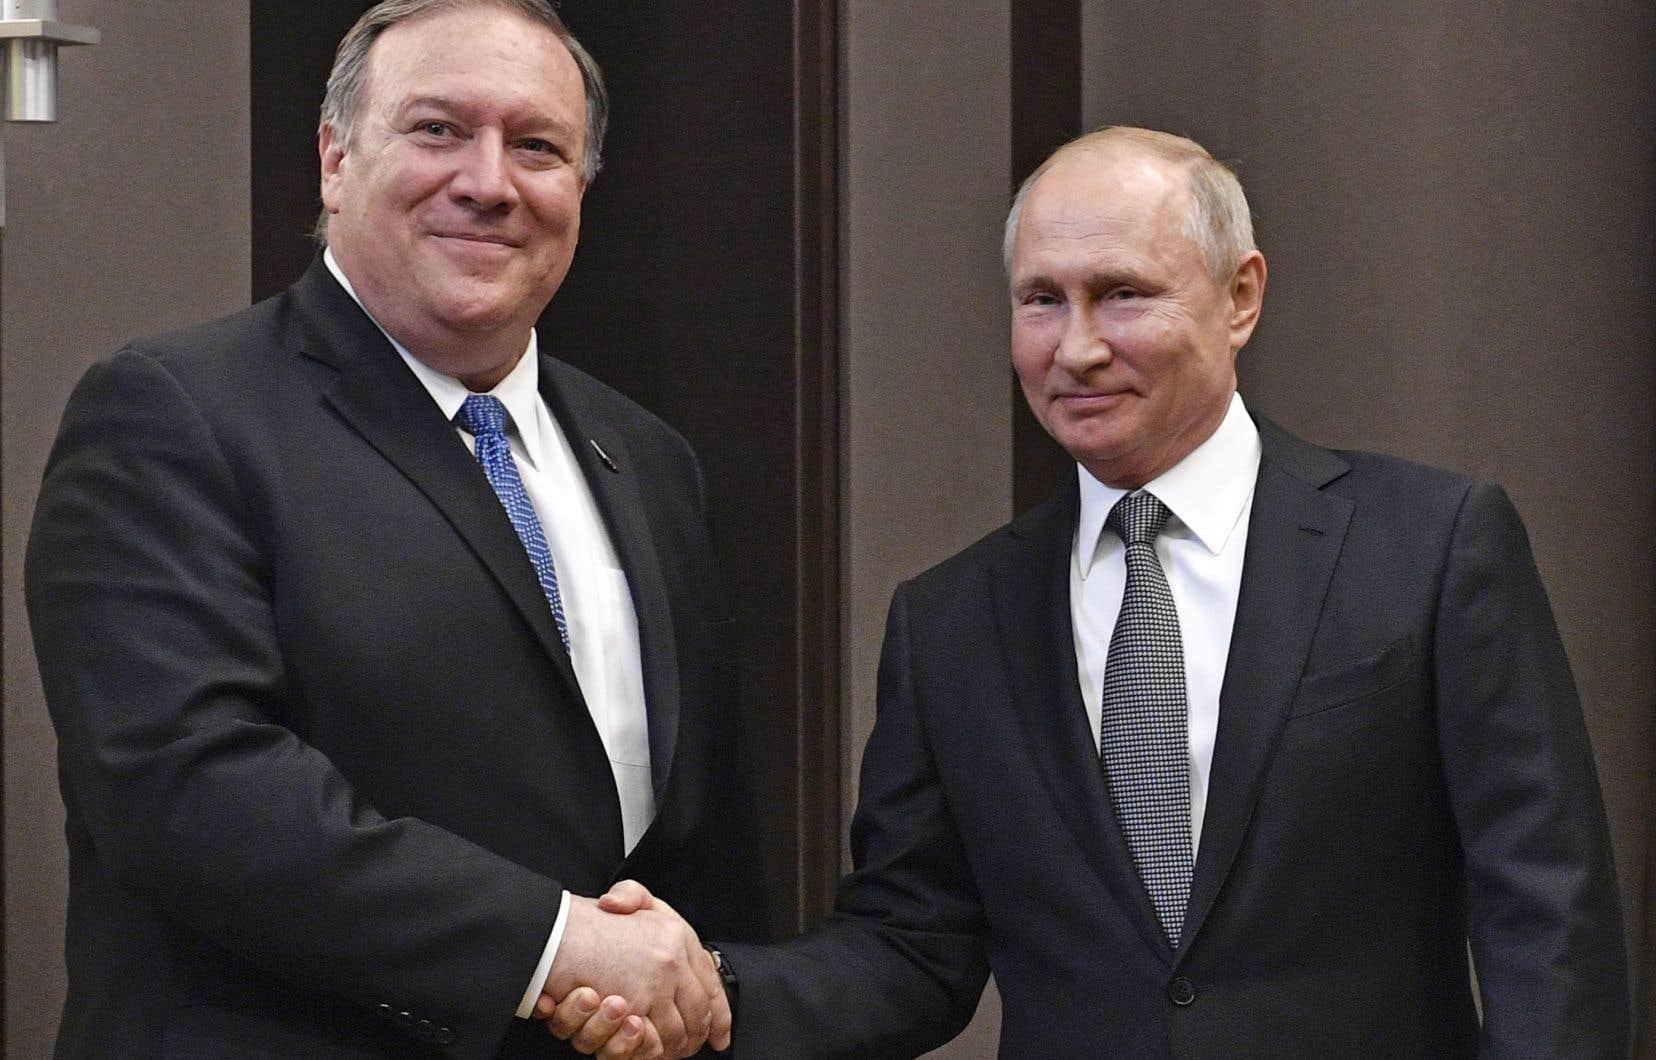 Le secrétaire d'État américain Mike Pompeo a été reçu par le président russe Vladimir Poutine à Sotchi.